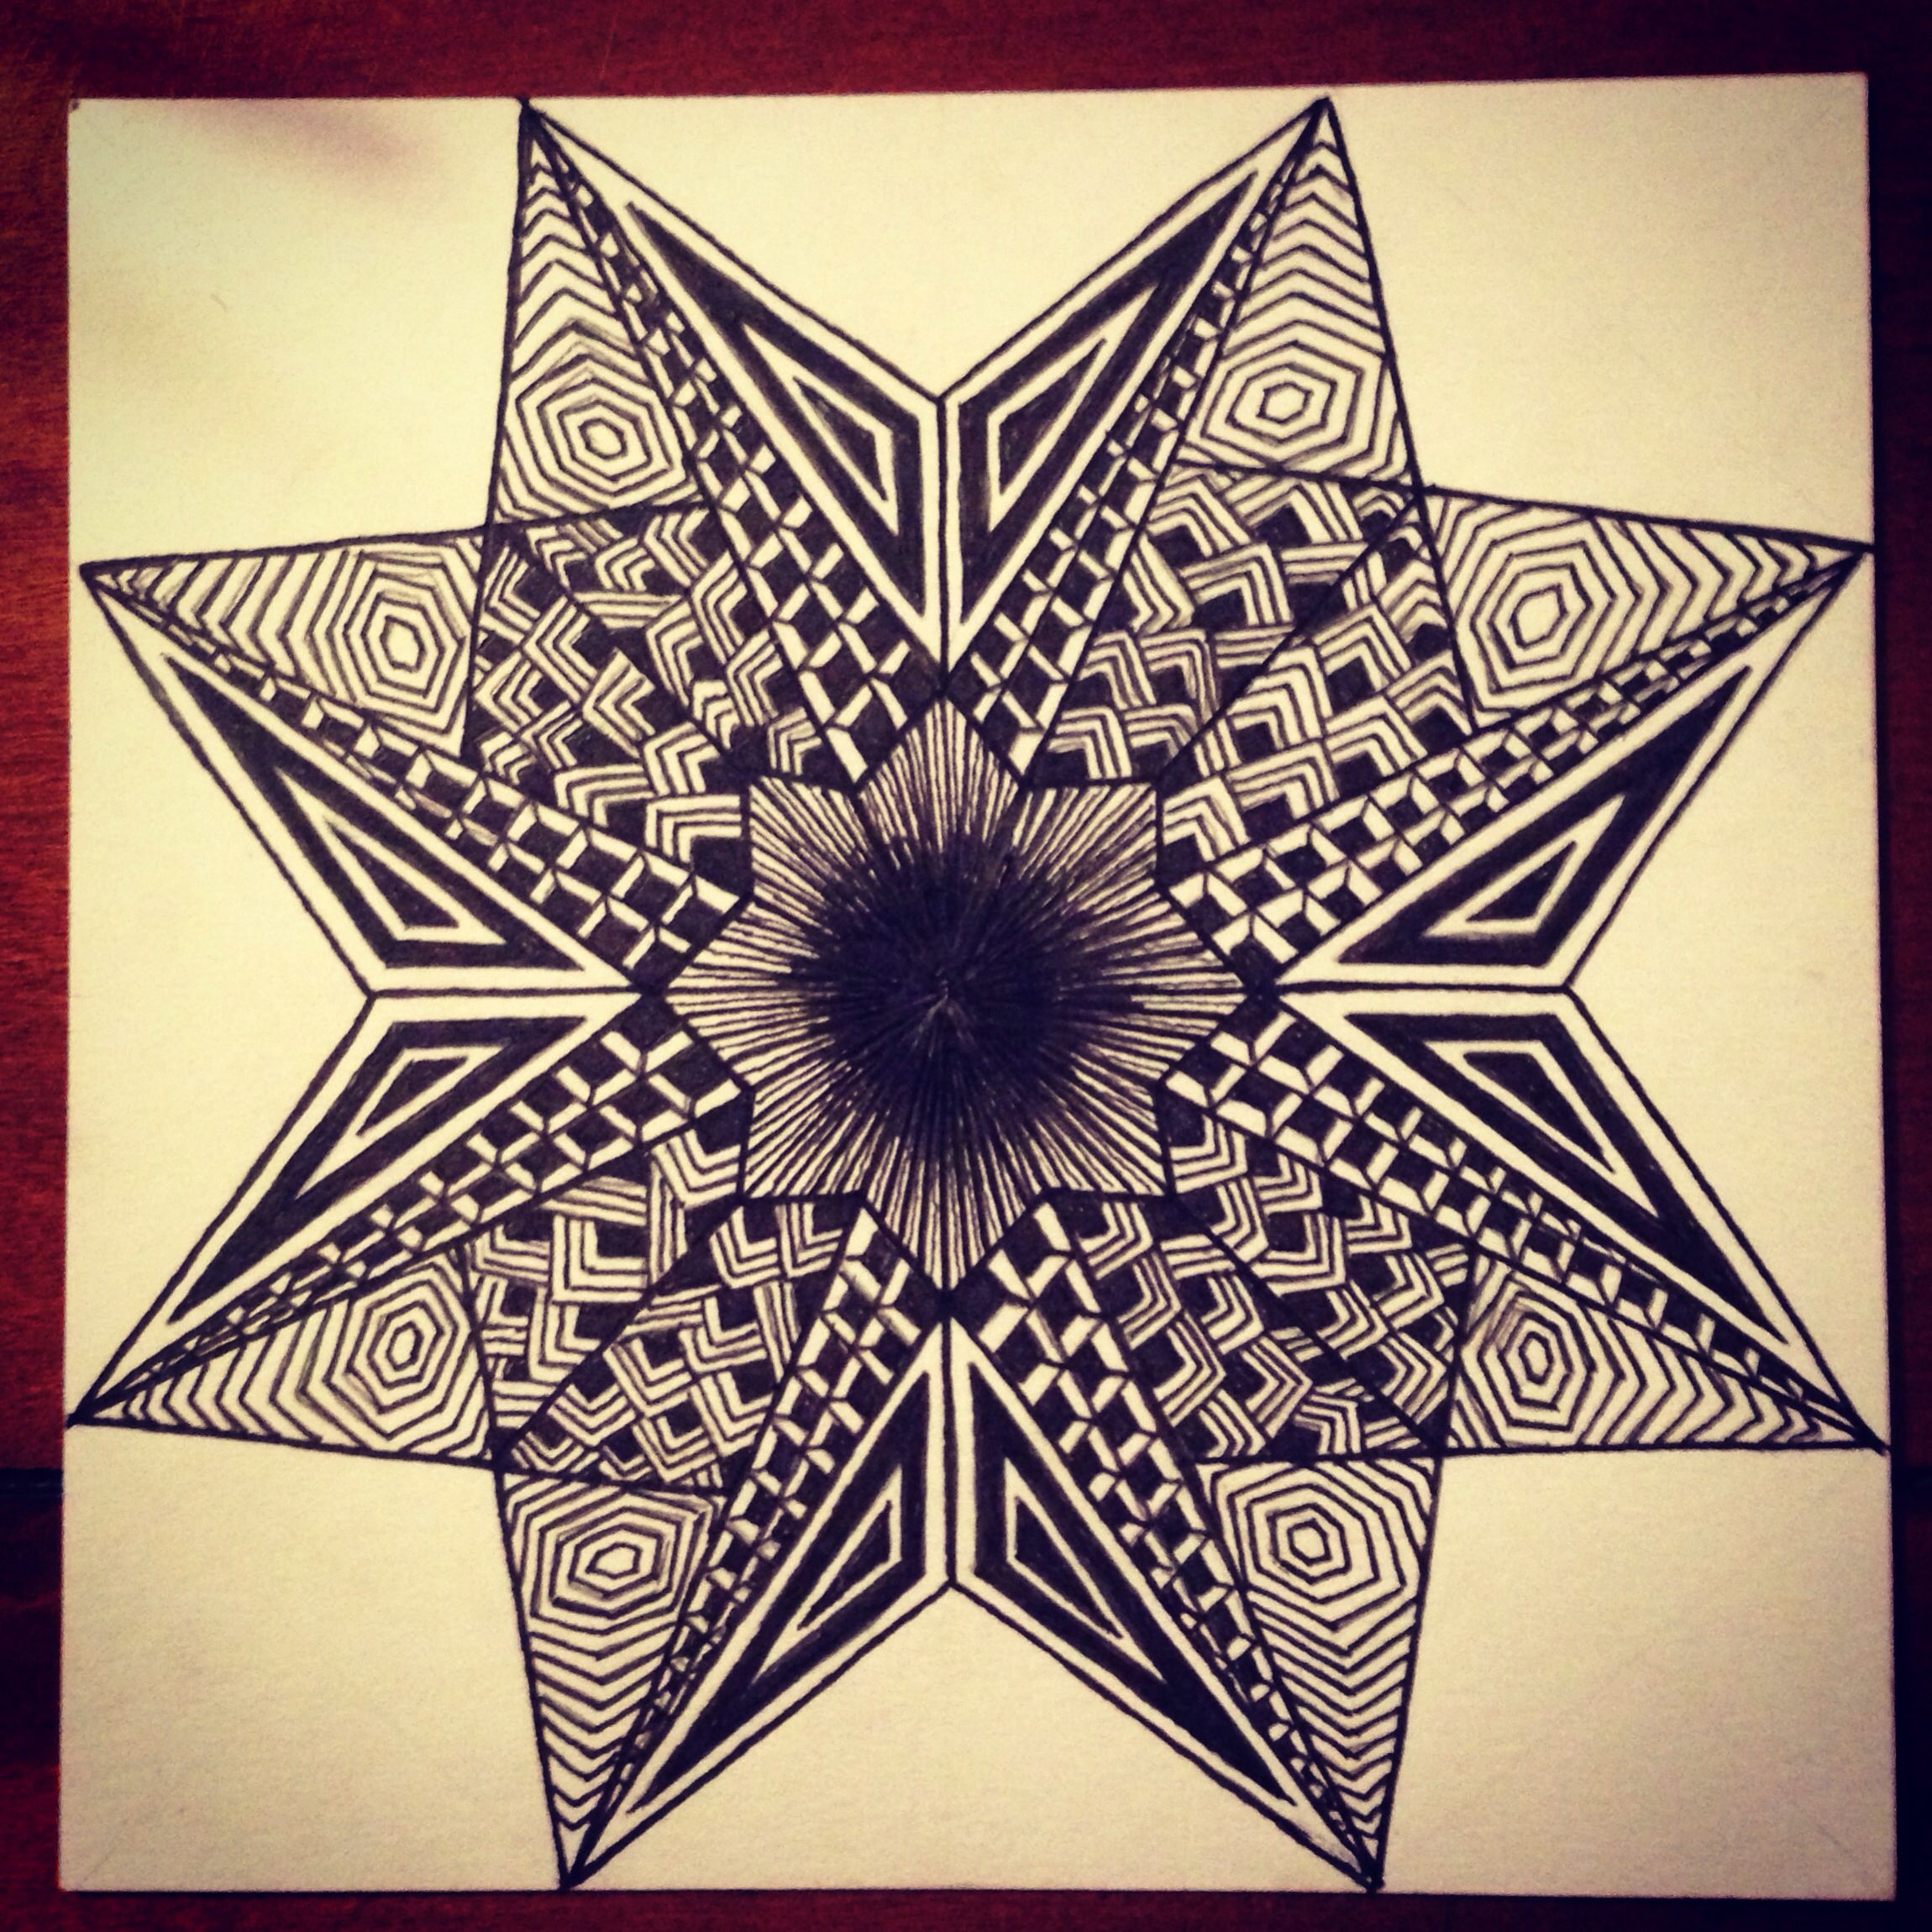 2300x2300 Geo Star Design Zentangle My Doodles Amp Drawings